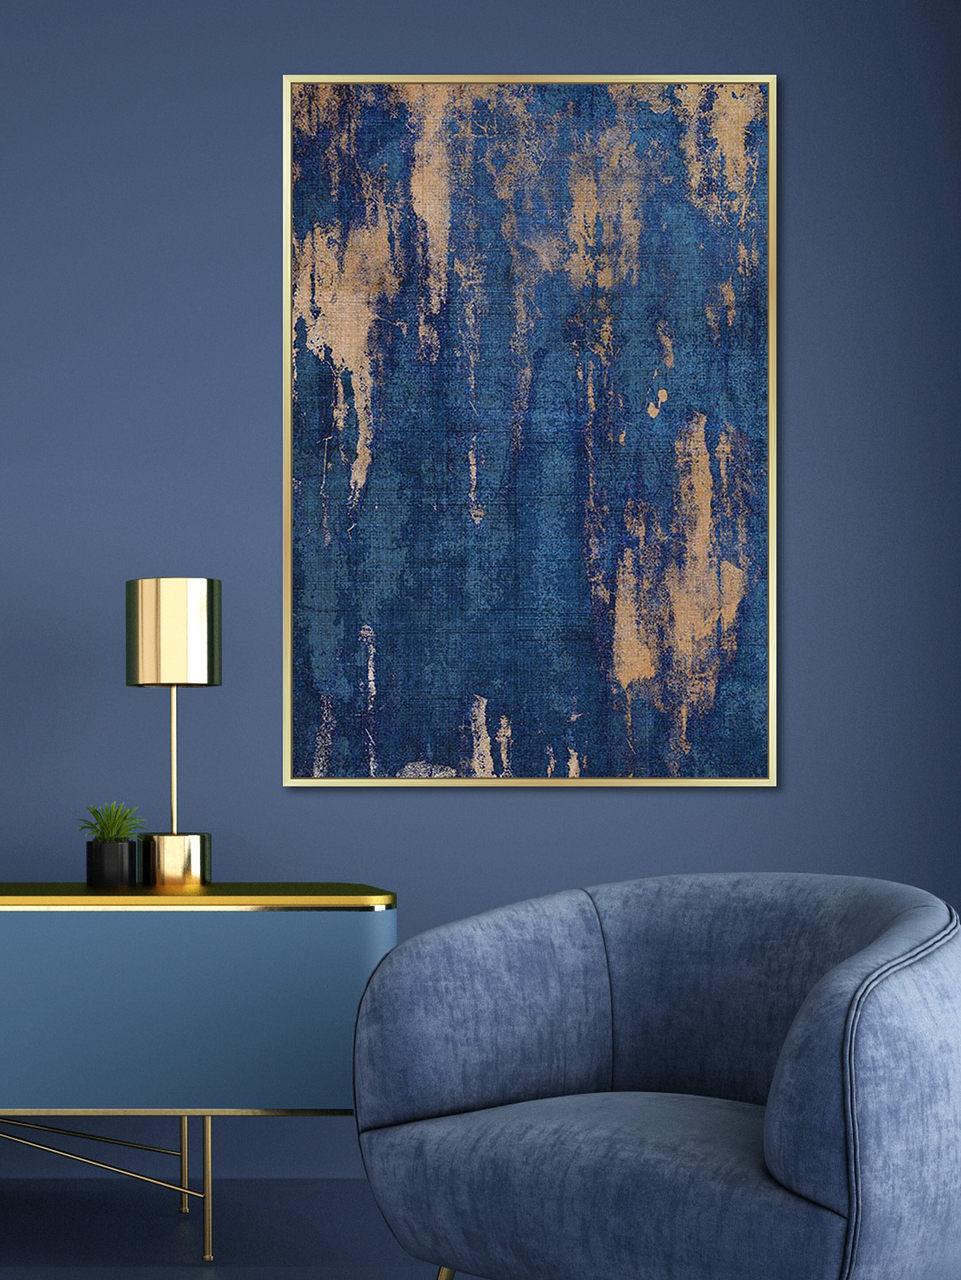 Quadro Decor Abstrato Contraste Azul